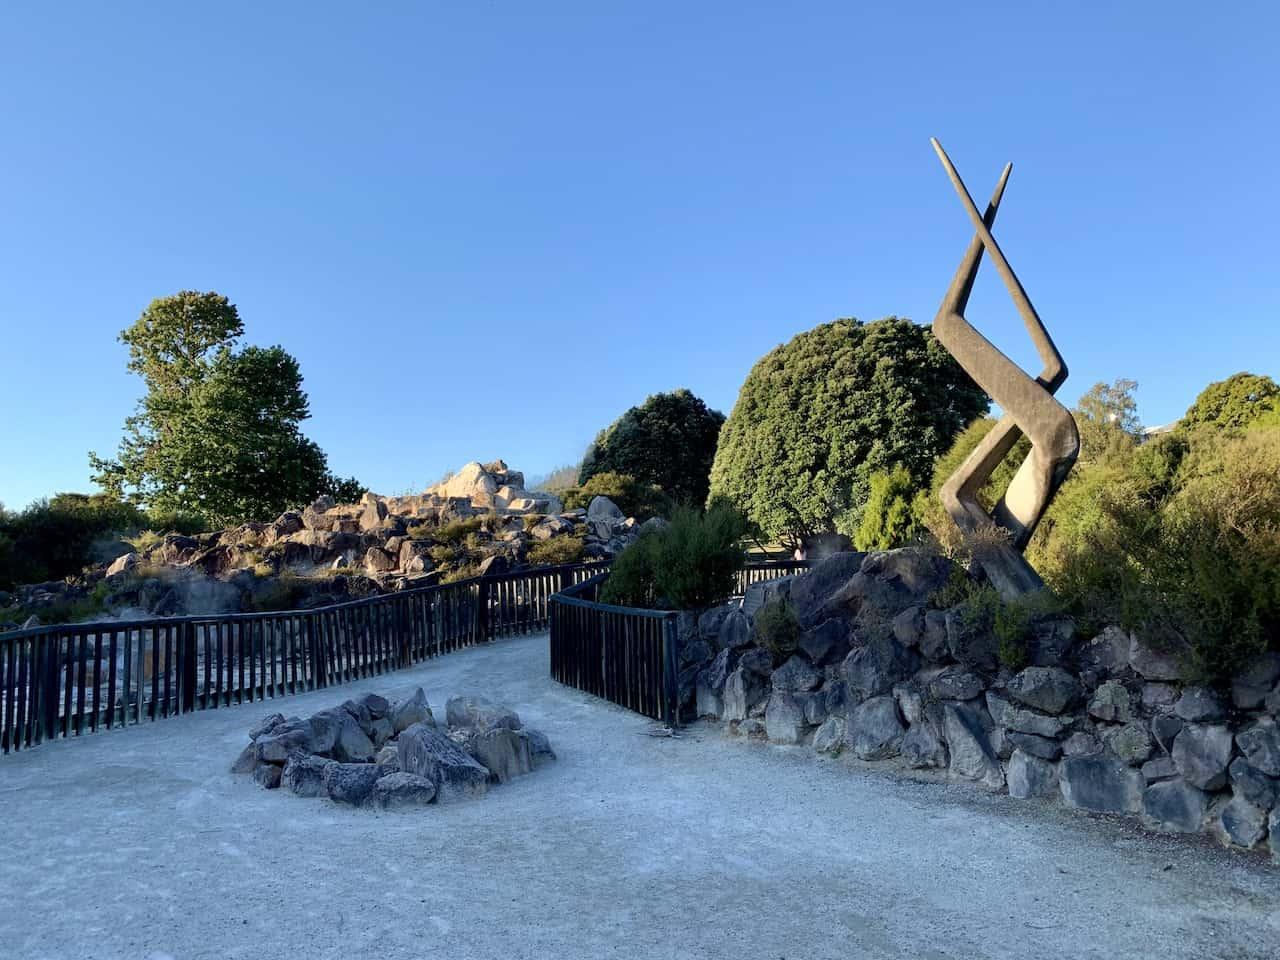 Kuirau Park History